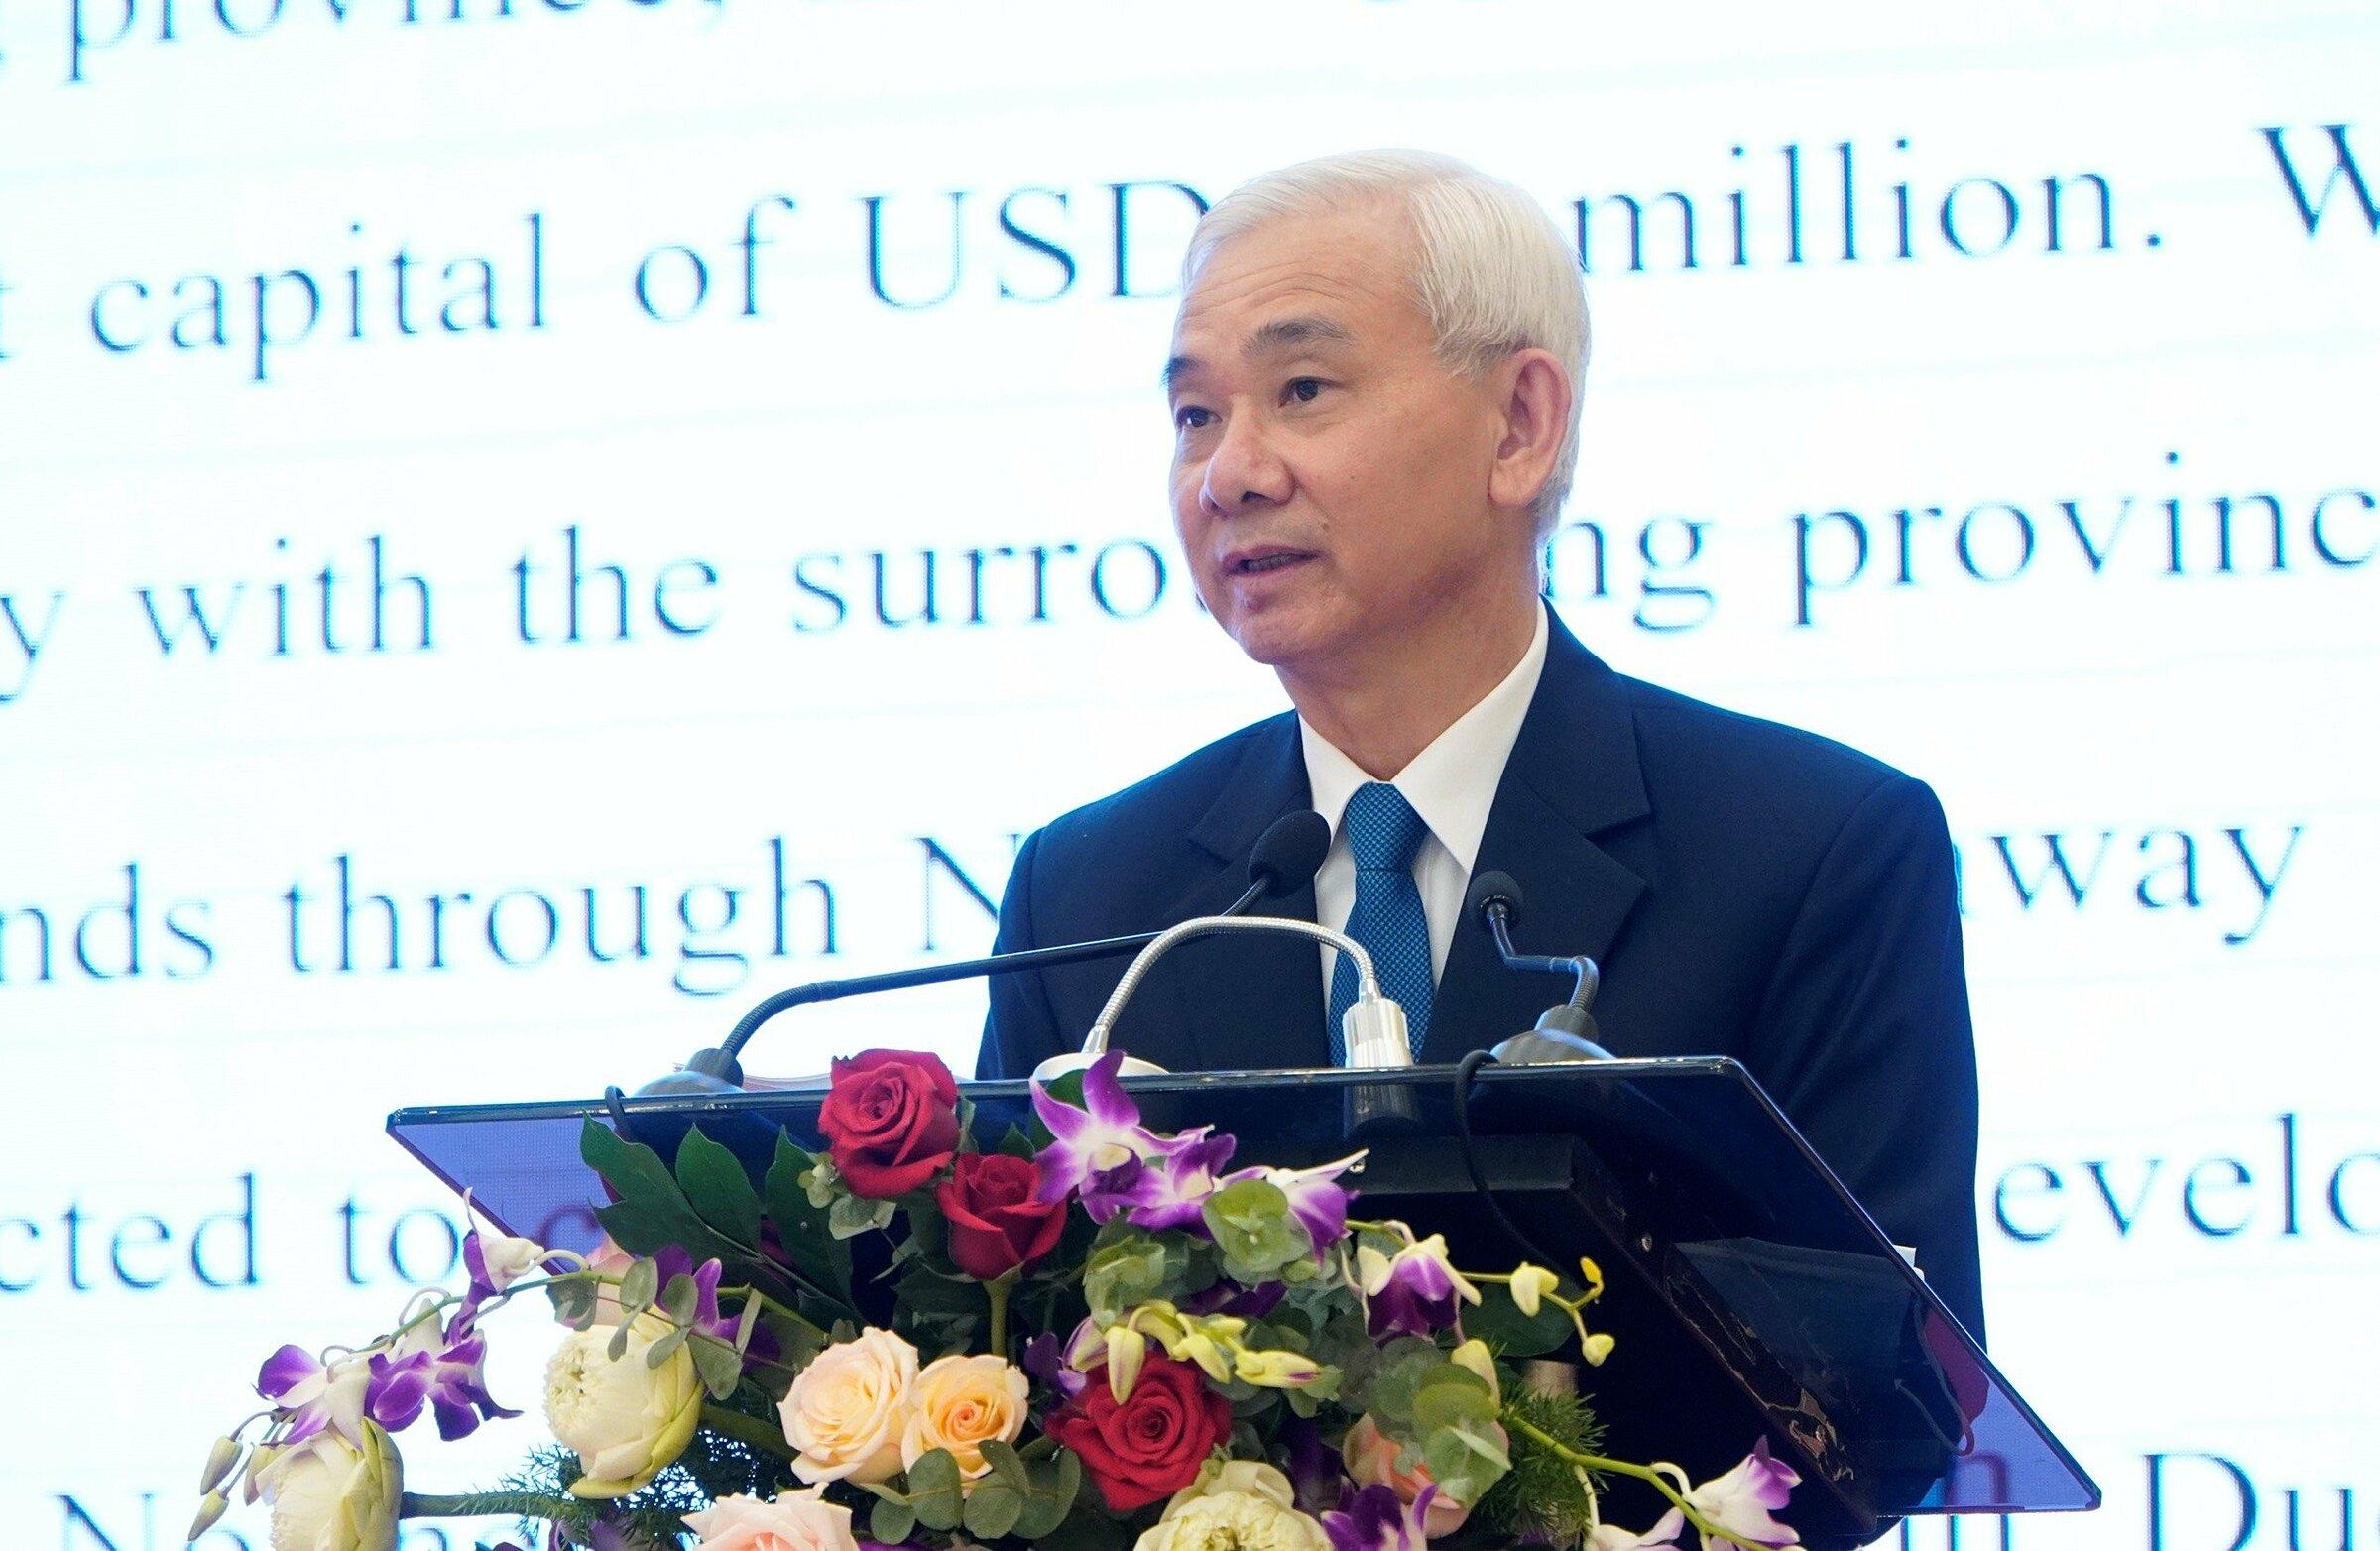 Ông Phạm Ngọc Thuận, Tổng Giám đốc Becamex IDC, phát biểu tại buổi lễ. Ảnh: Becamex IDC.